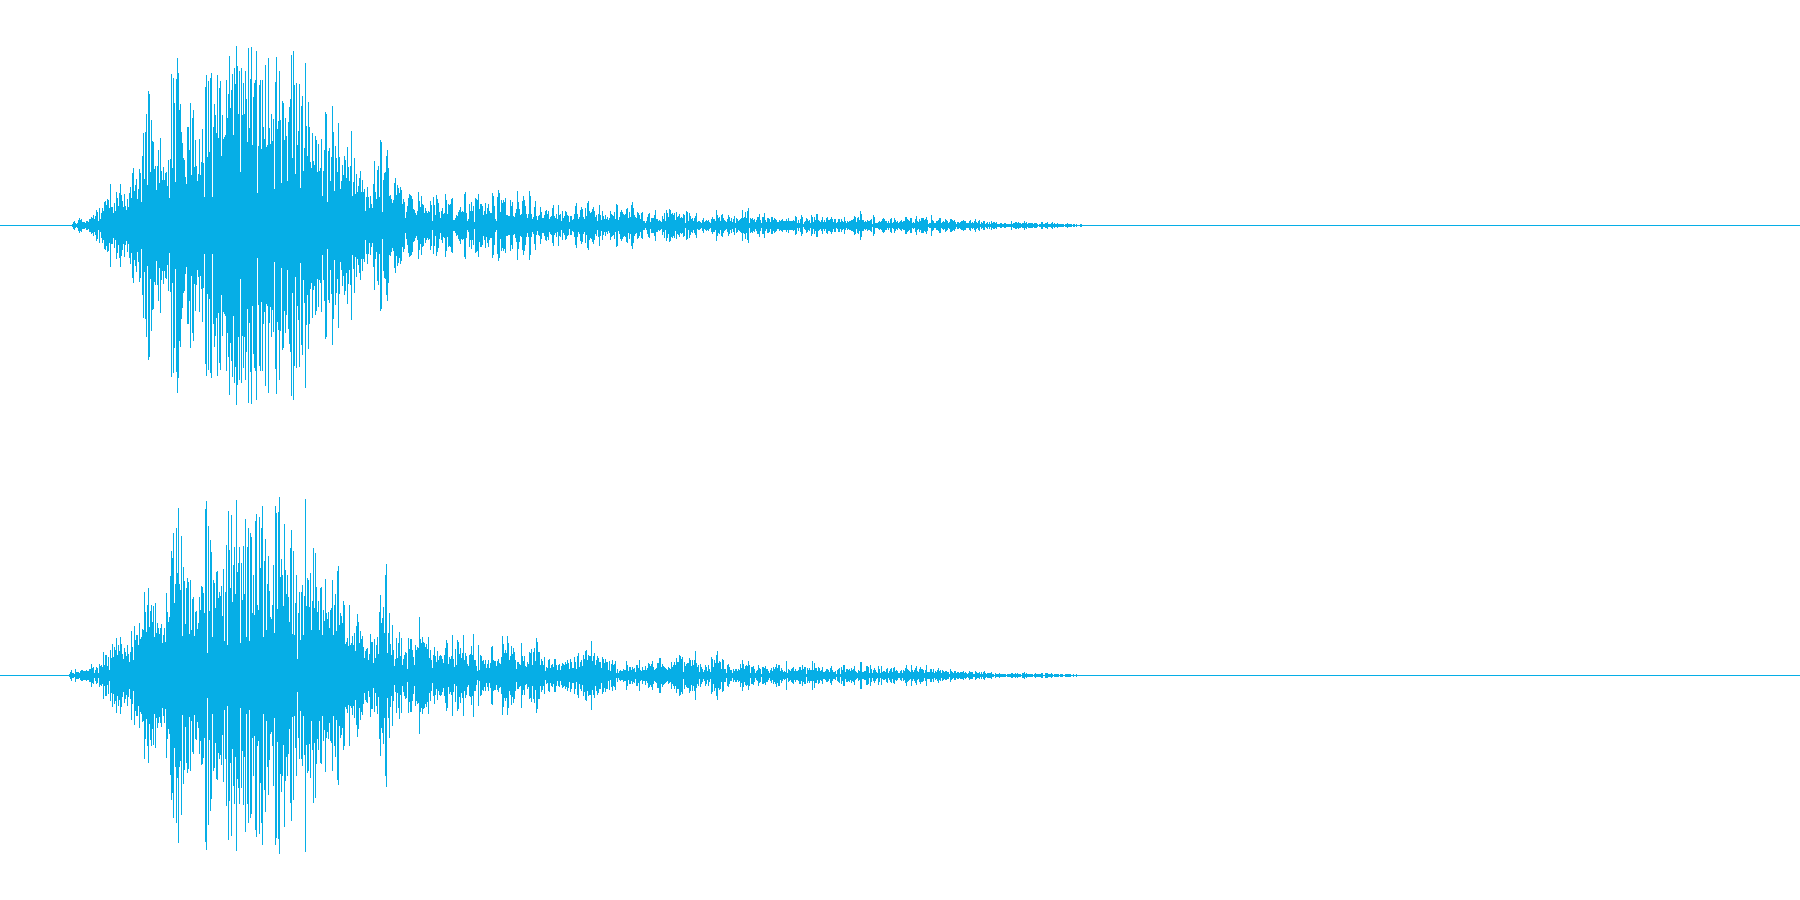 スパッ、っと風を切るような効果音の再生済みの波形